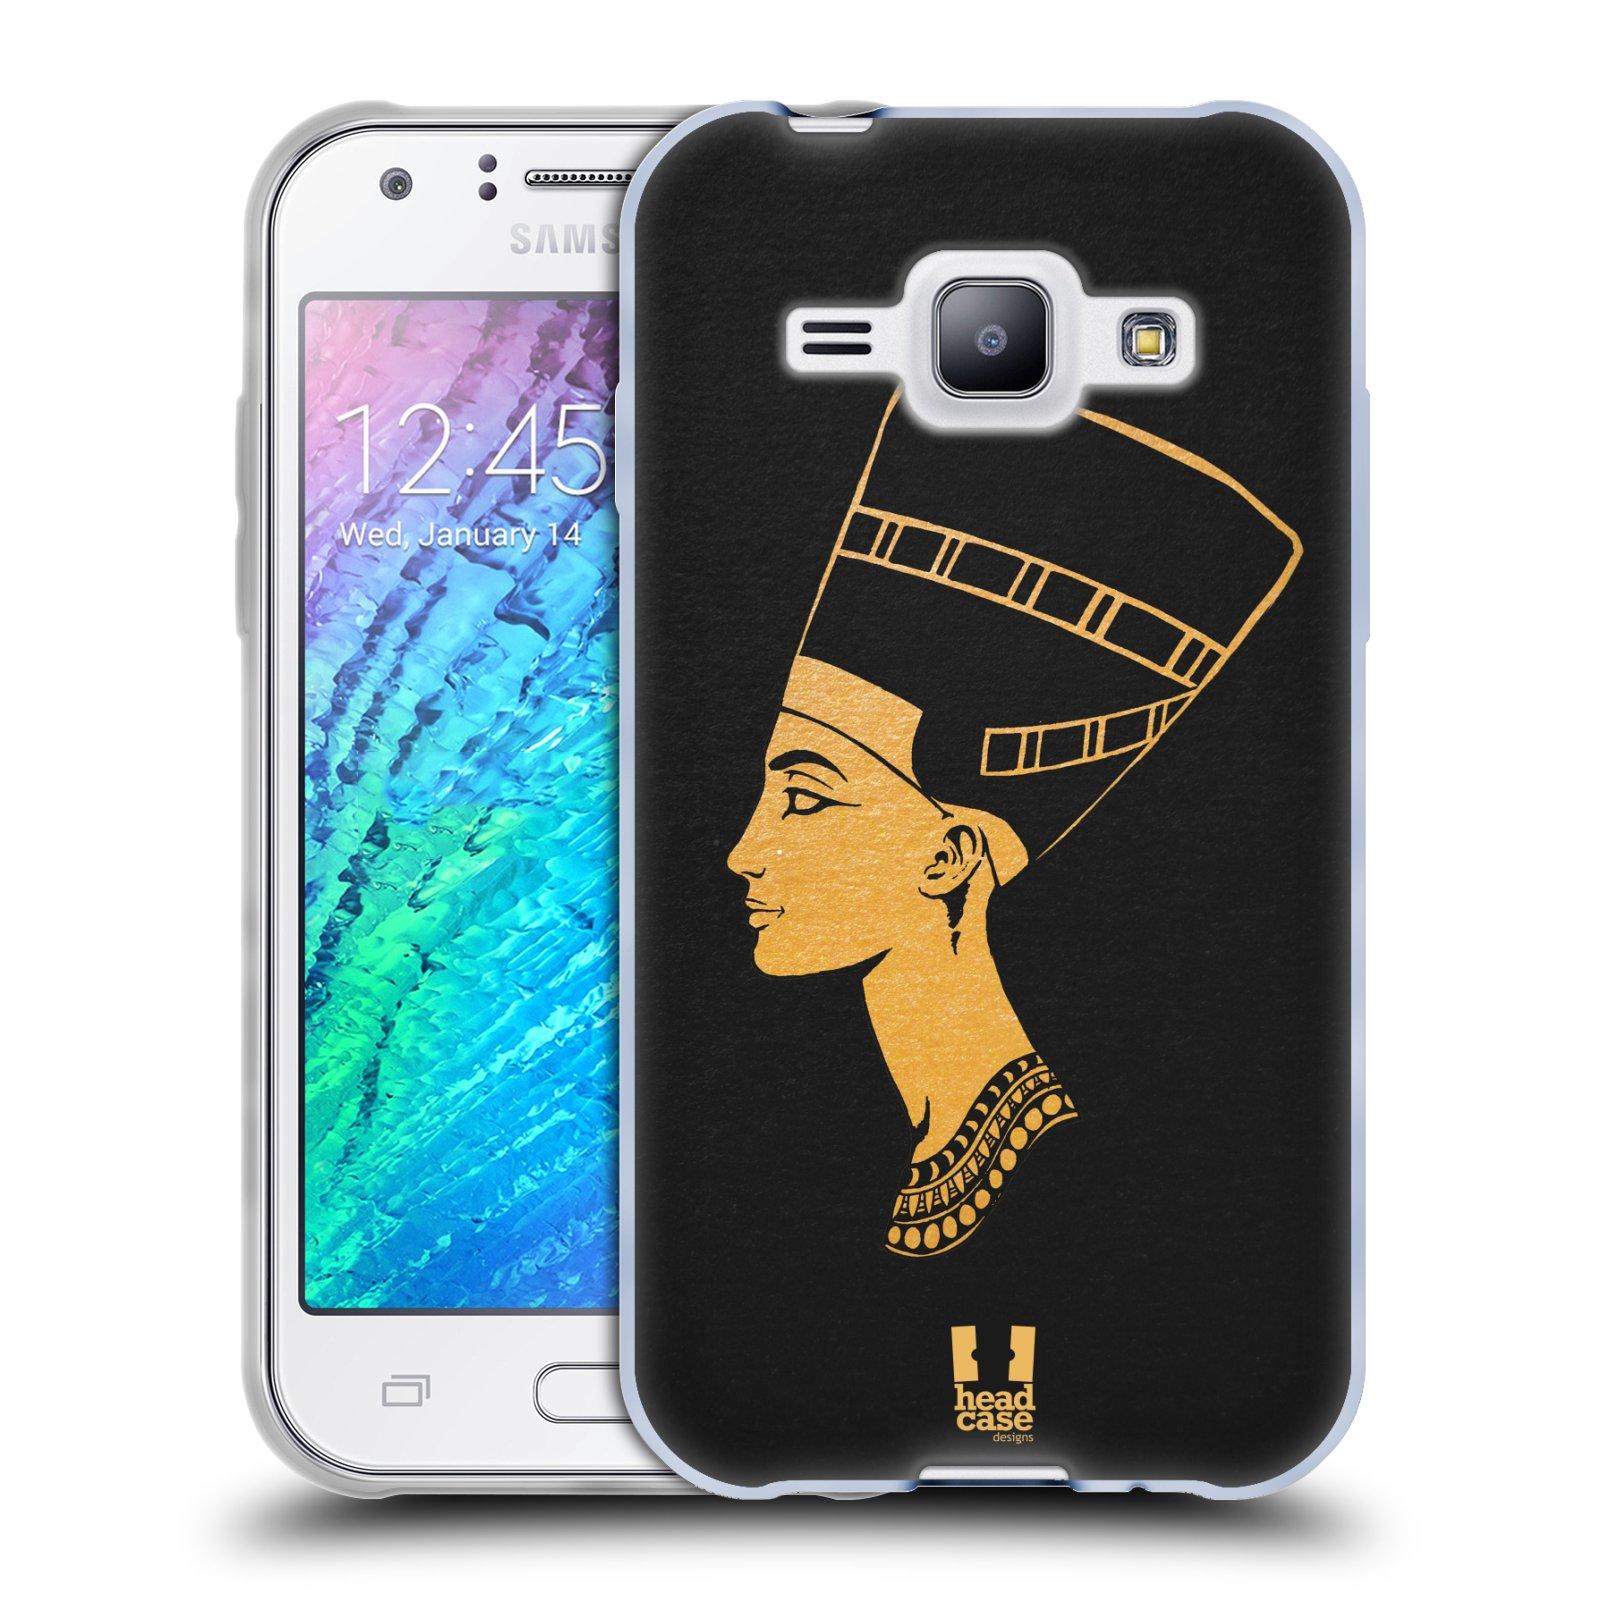 Silikonové pouzdro na mobil Samsung Galaxy J1 HEAD CASE EGYPT NEFERTITI (Silikonový kryt či obal na mobilní telefon Samsung Galaxy J1 a J1 Duos)